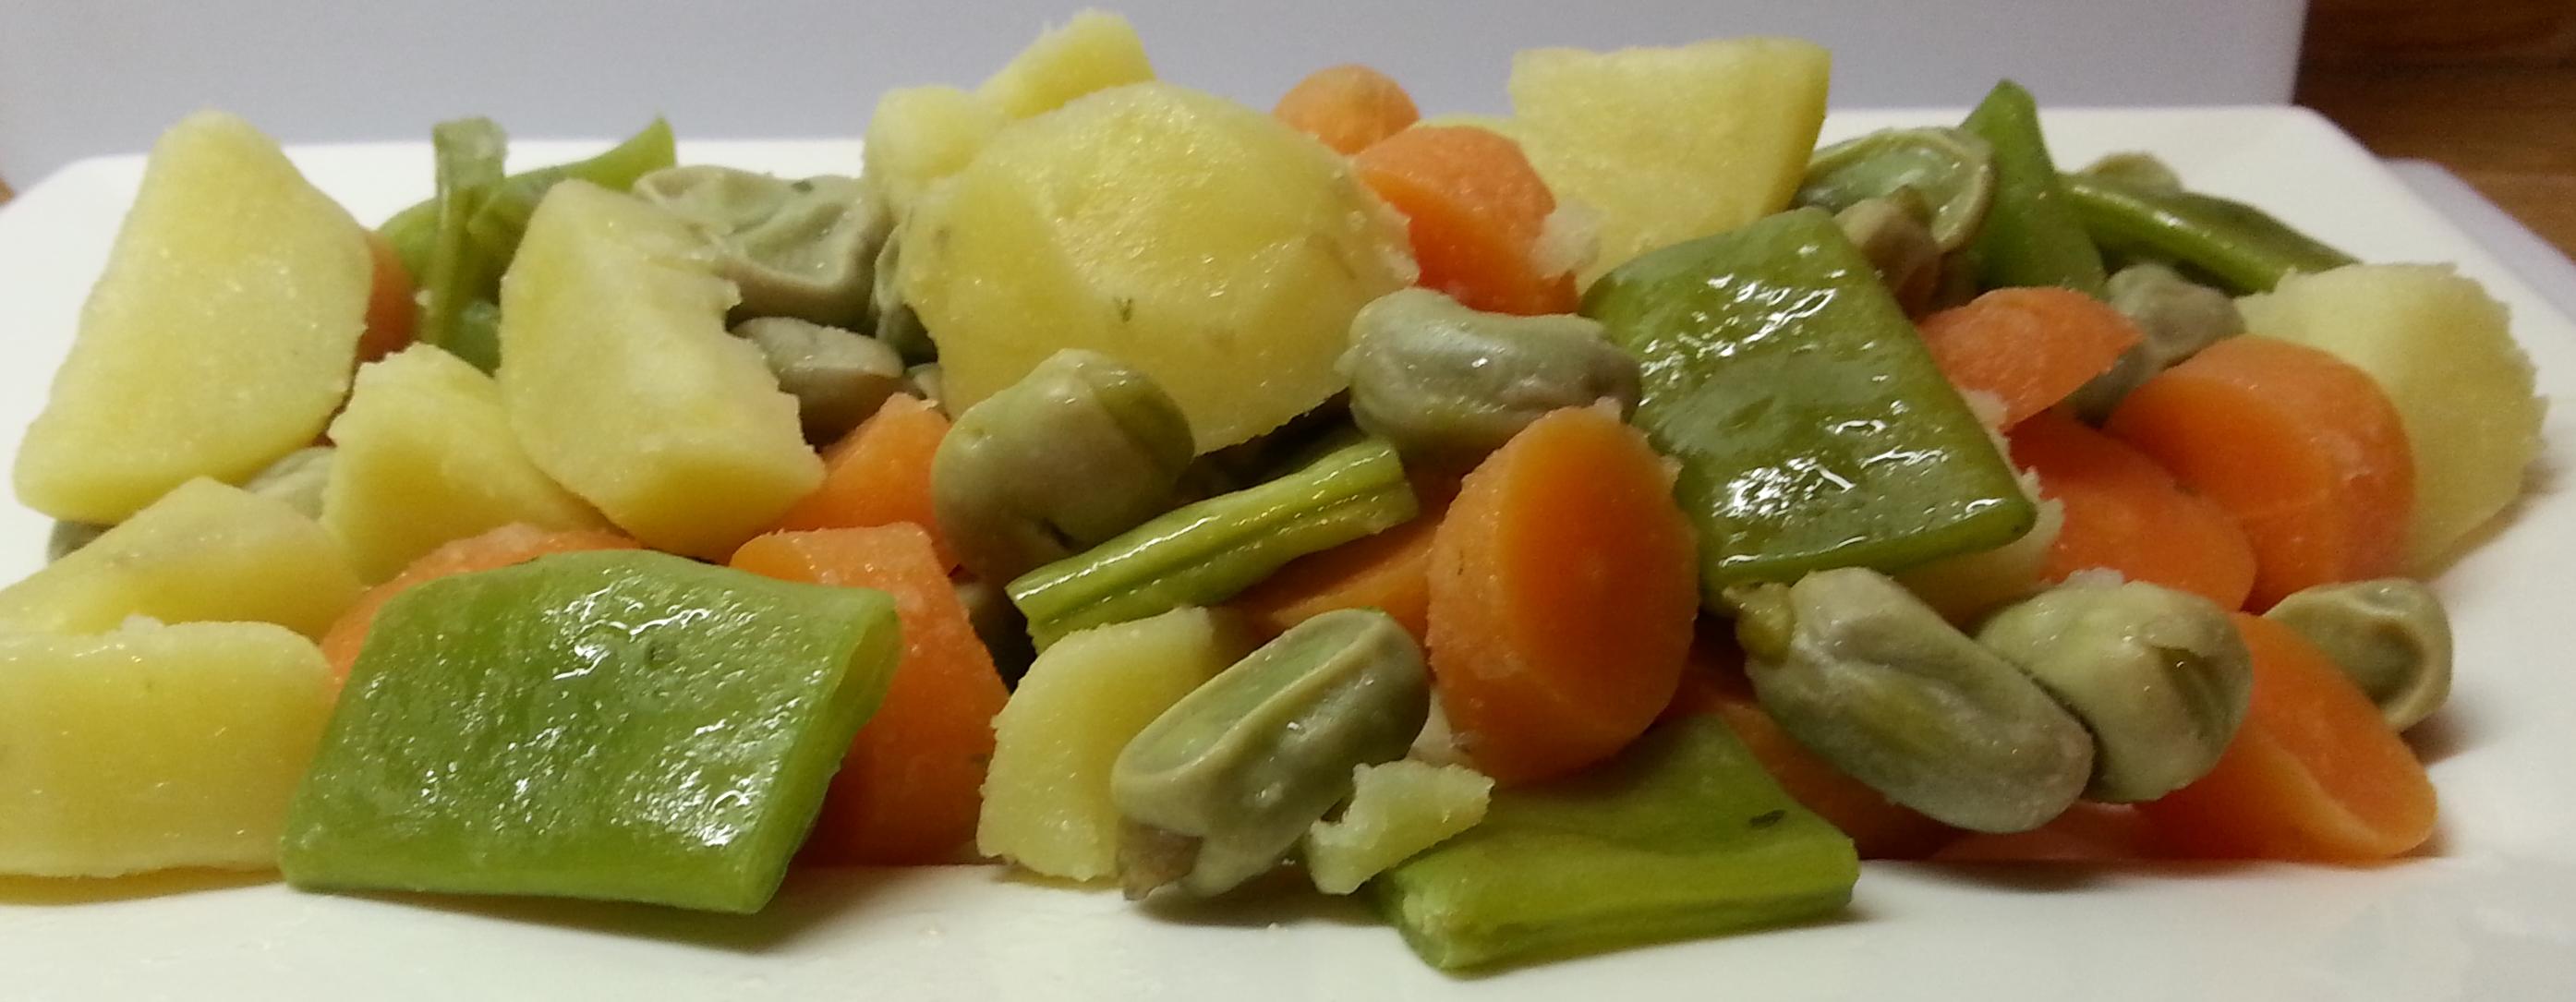 5 pistas para disfrutar de la gastronom a riojana vivanco - Como preparar menestra de verduras ...